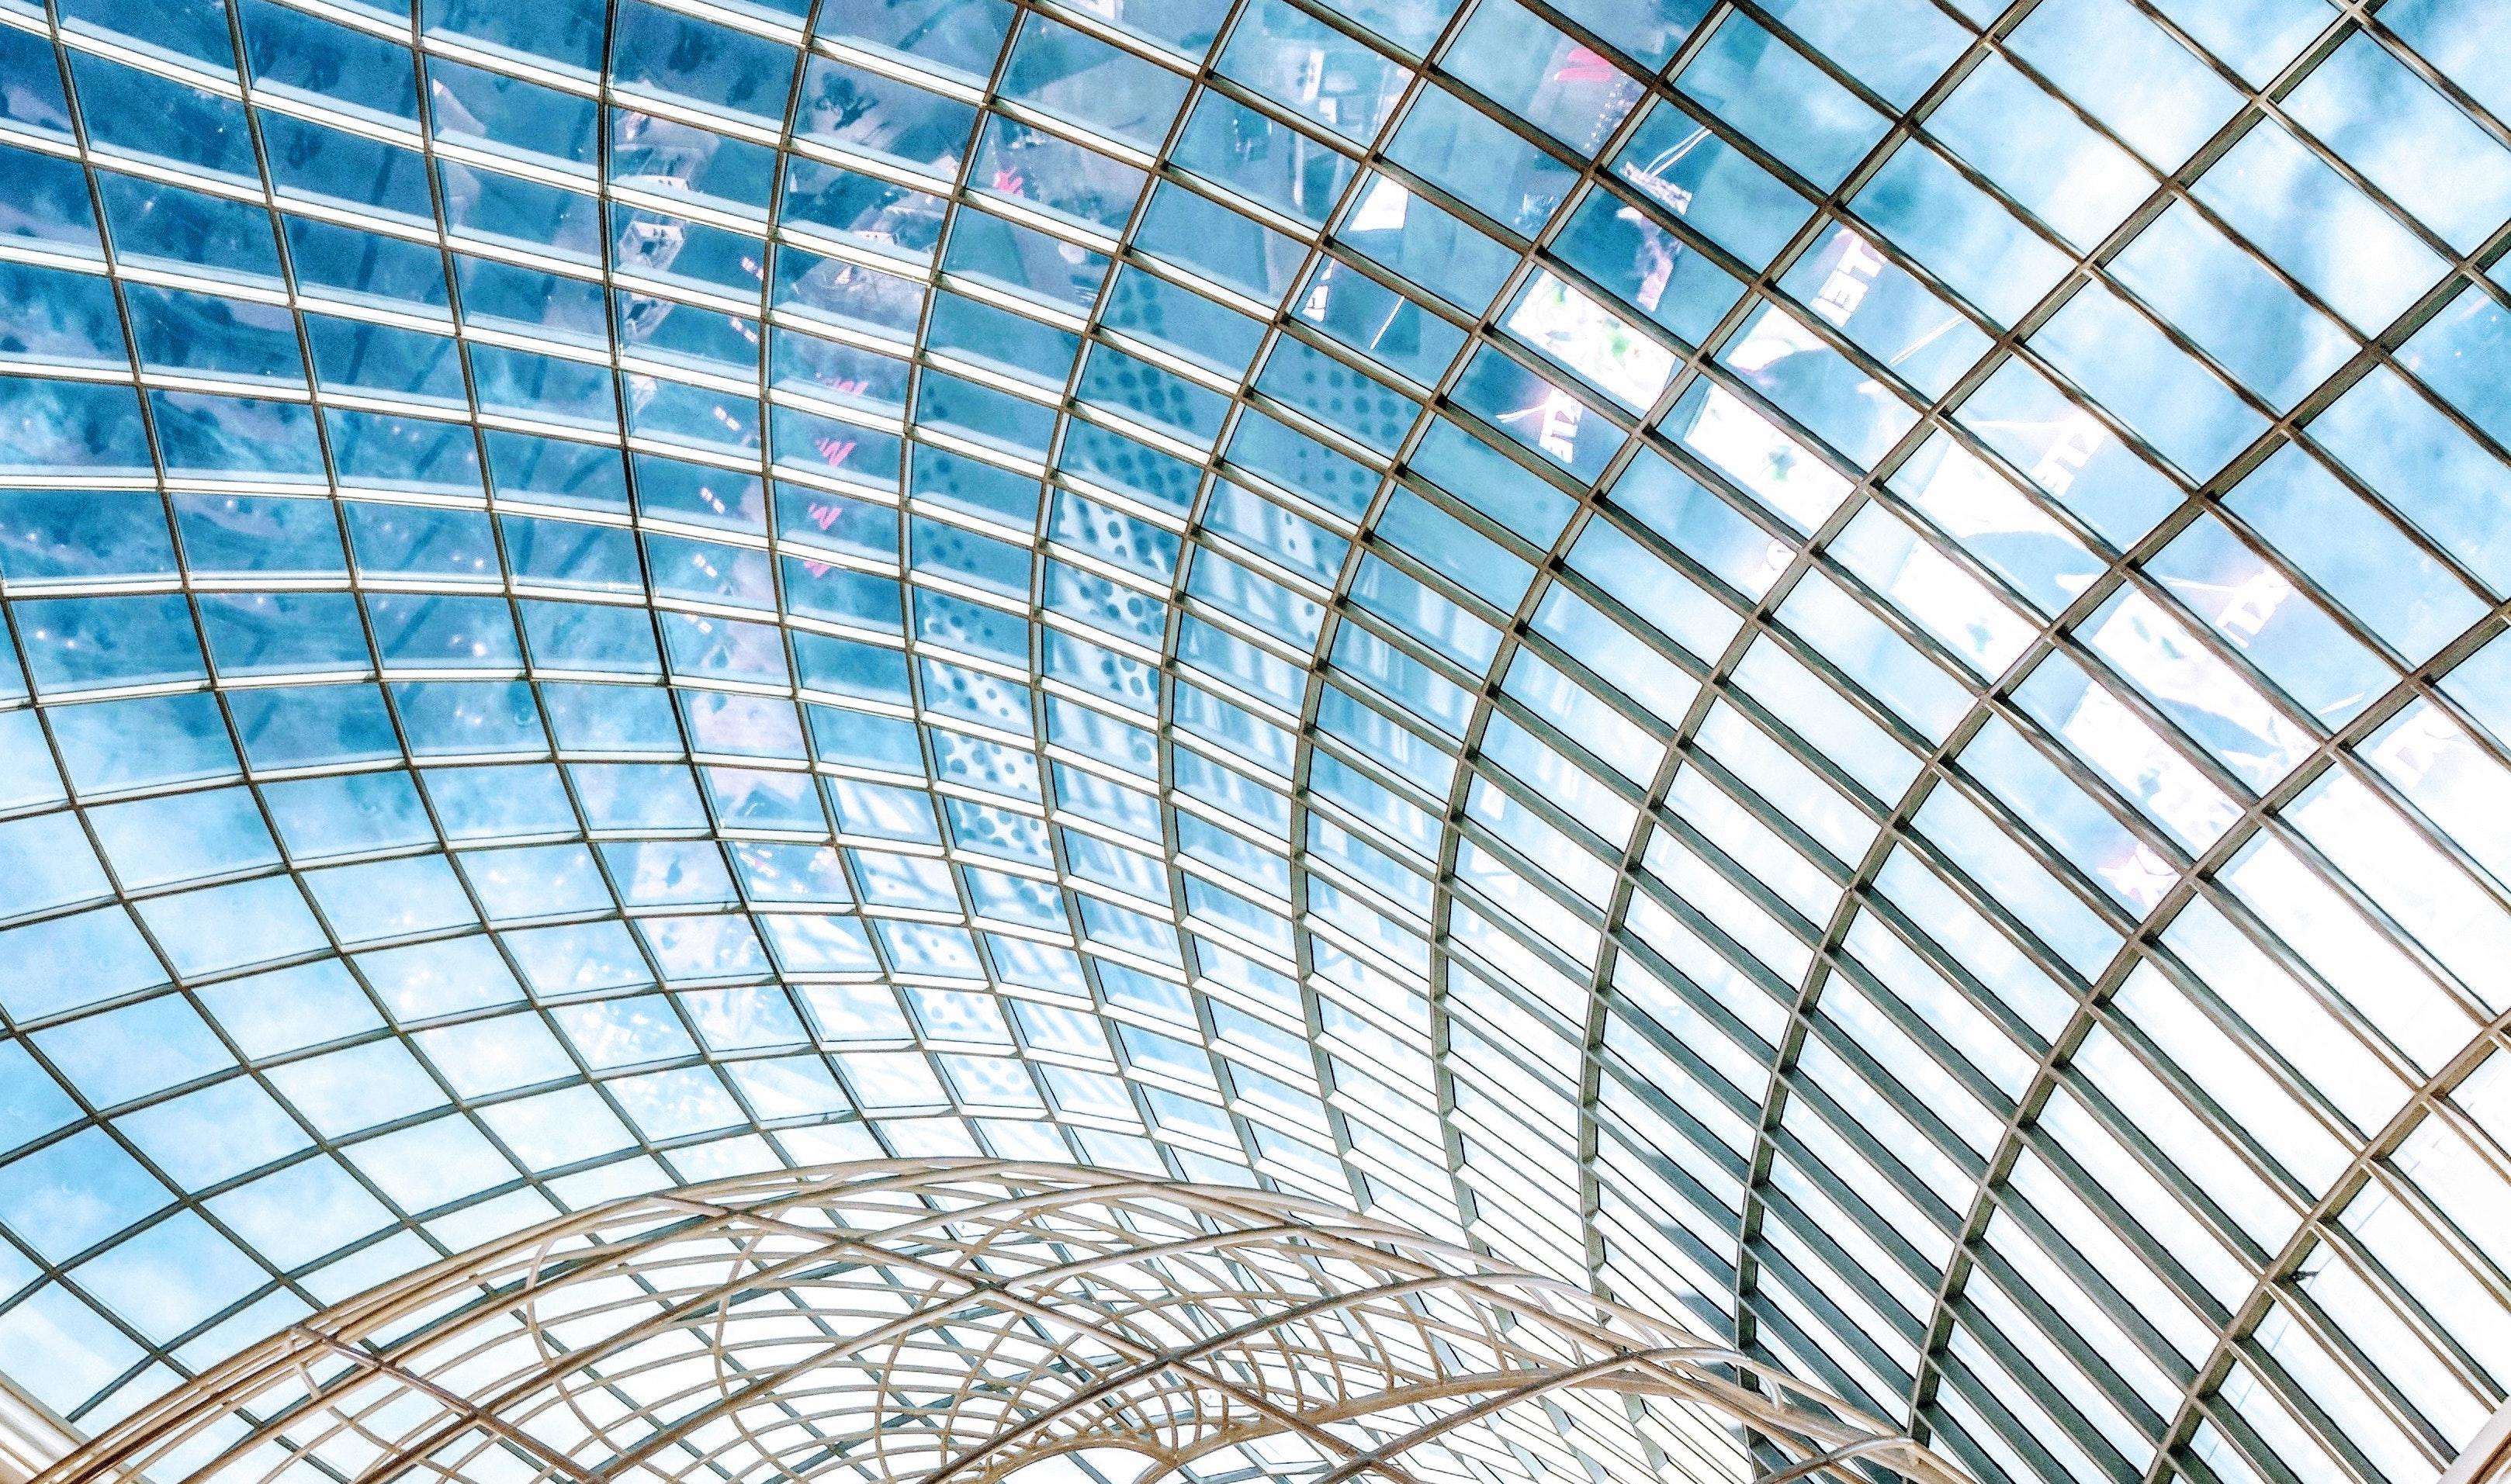 architectural-design-architecture-blue-sky-1487154-3